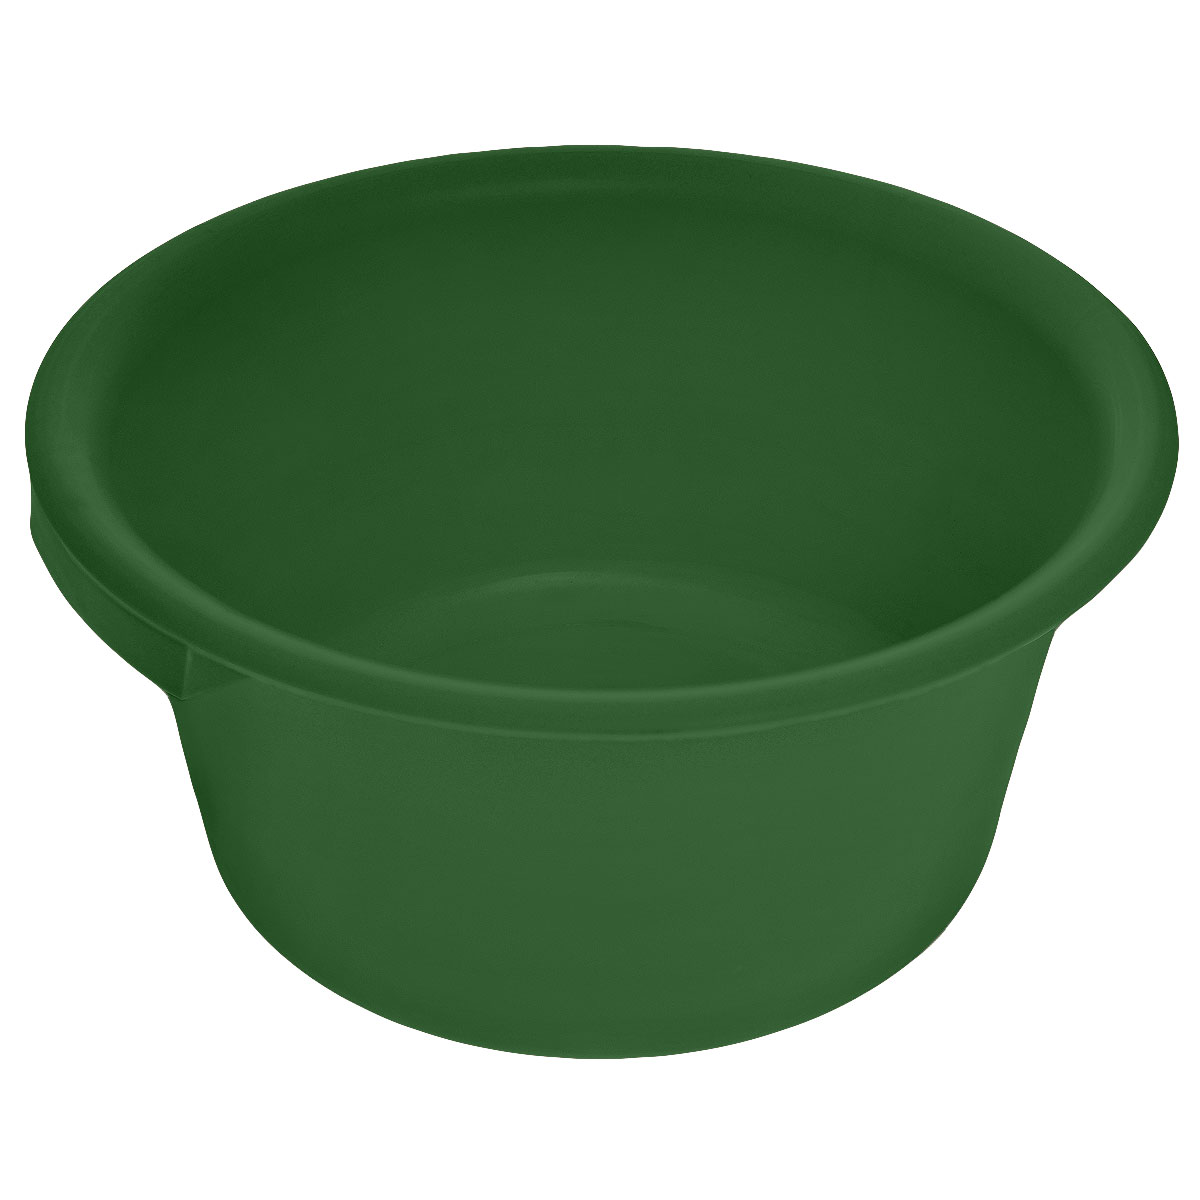 Таз хозяйственный Альтернатива, цвет: темно-зеленый, 9 лМ1106Таз Альтернатива изготовлен из высококачественного пластика. Он выполнен в классическом круглом варианте. Для удобного использования изделие снабжено двумя ручками. Таз предназначен для стирки и хранения разных вещей. Он пригодится в любом хозяйстве.Объем: 9 л. Диаметр (по верхнему краю): 35 см.Высота: 15,5 см.